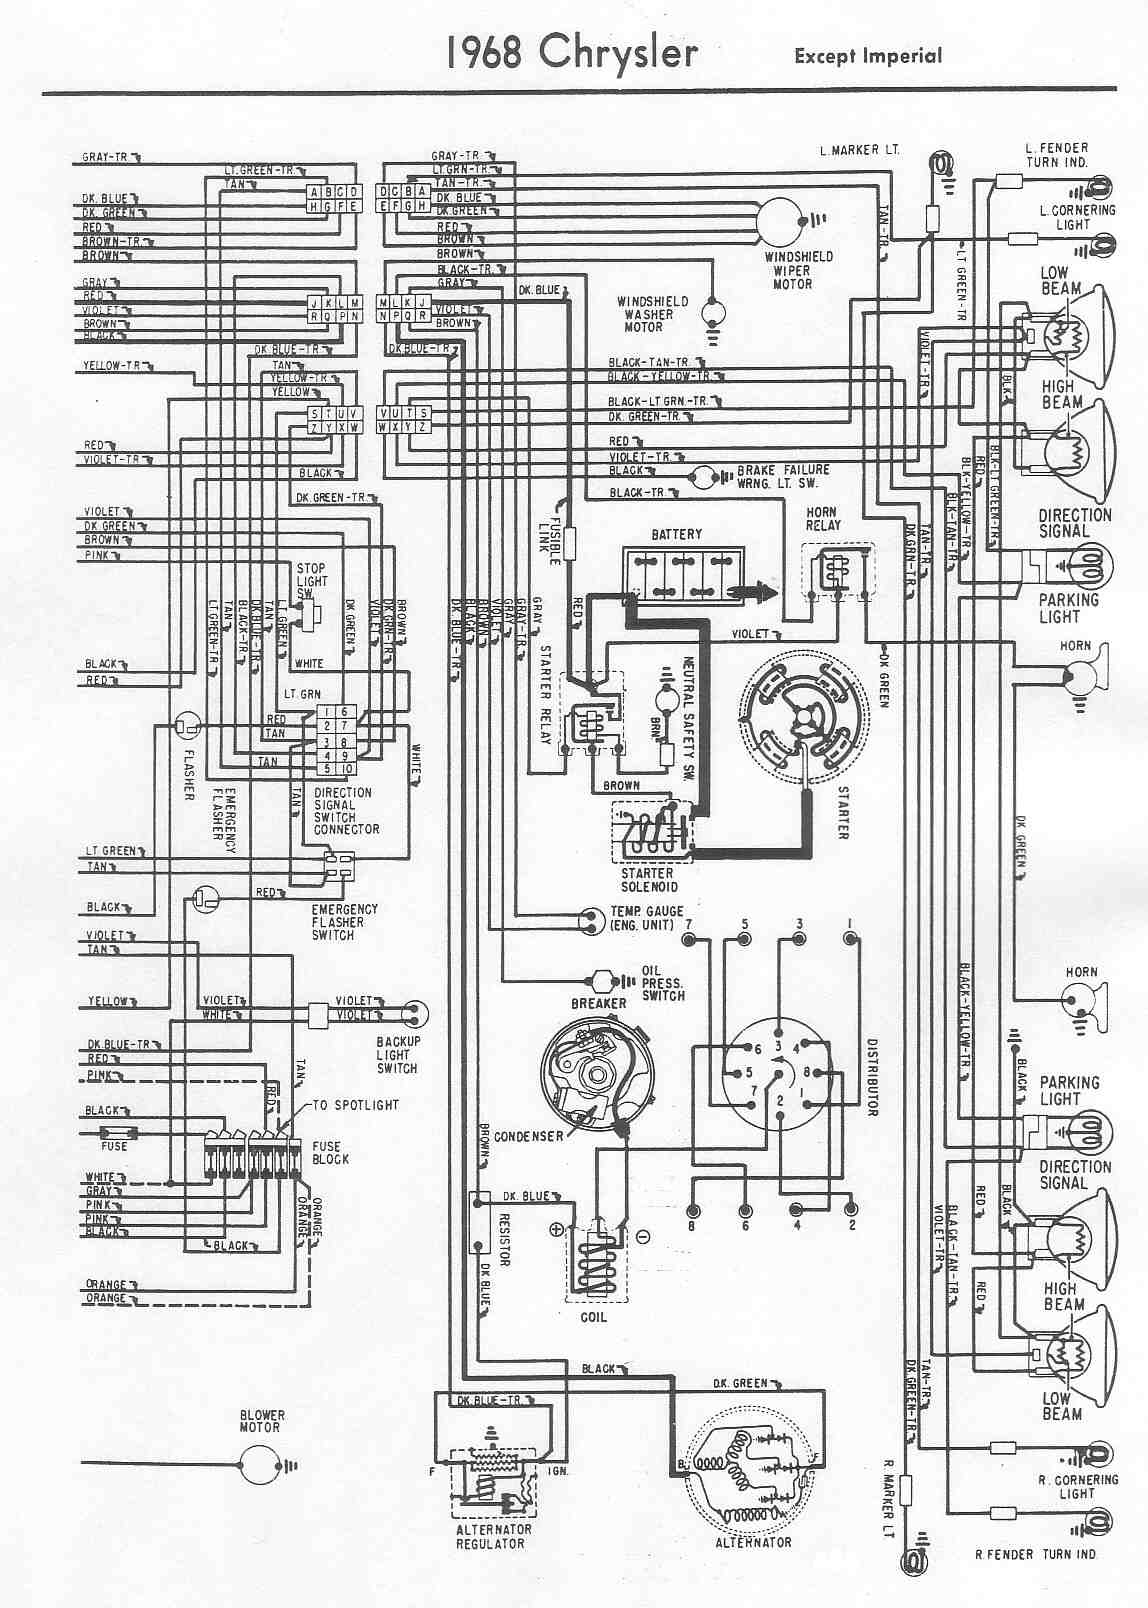 68 Cadillac Wiring Diagram Bookmark About 1994 Seville 1968 Deville Data Rh 3 6 19 Reisen Fuer Meister De